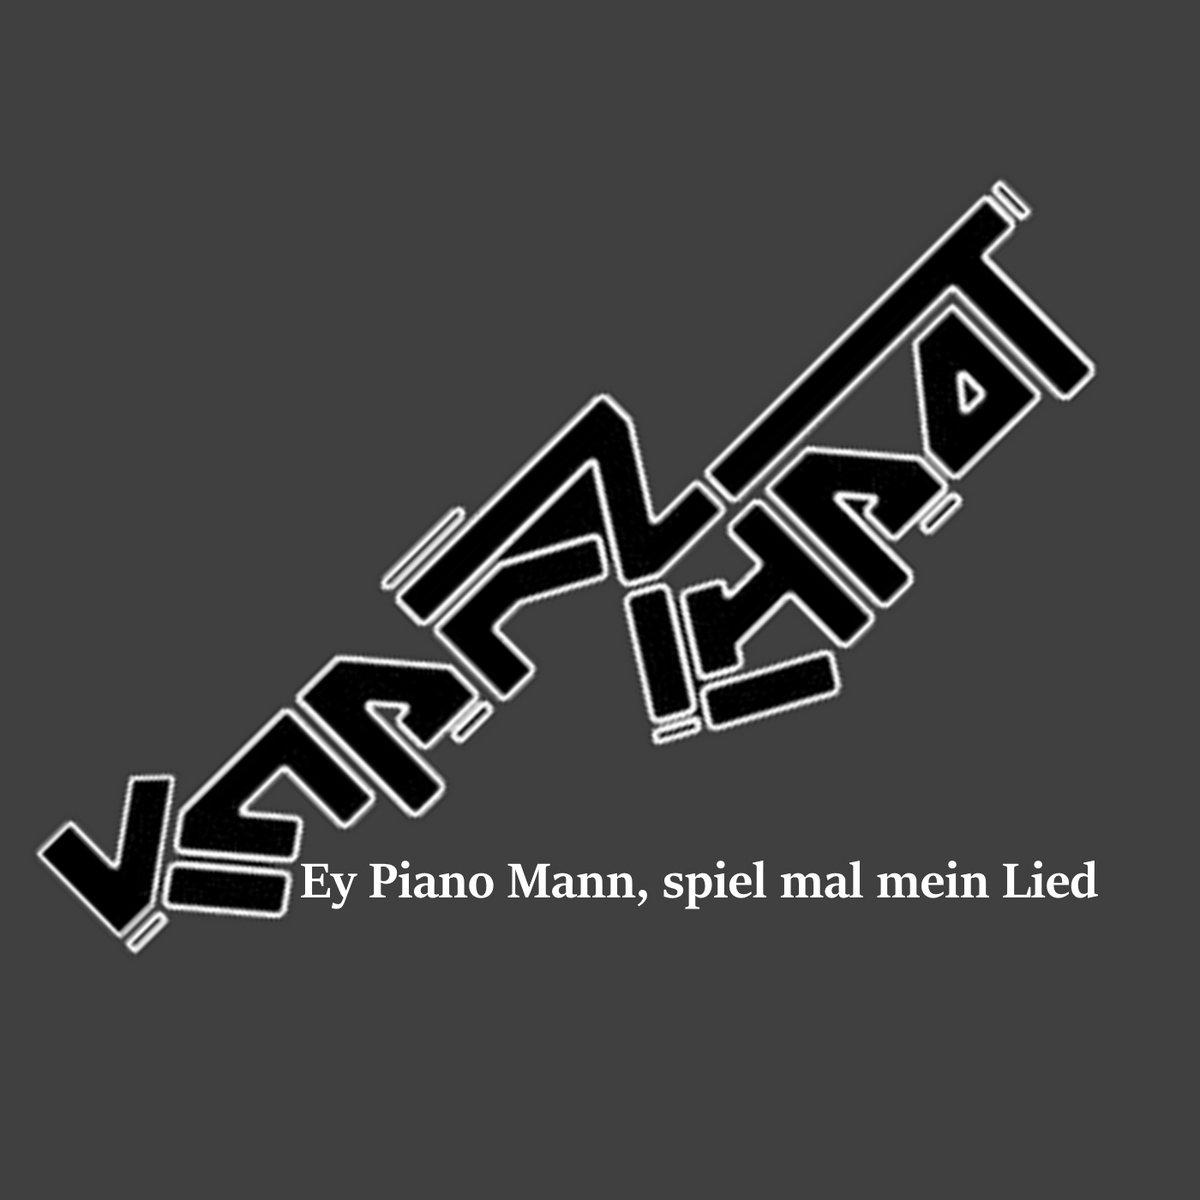 Ey Piano Mann Spiel Mal Mein Lied Prod Knarzn Knarz Chaot 2k6